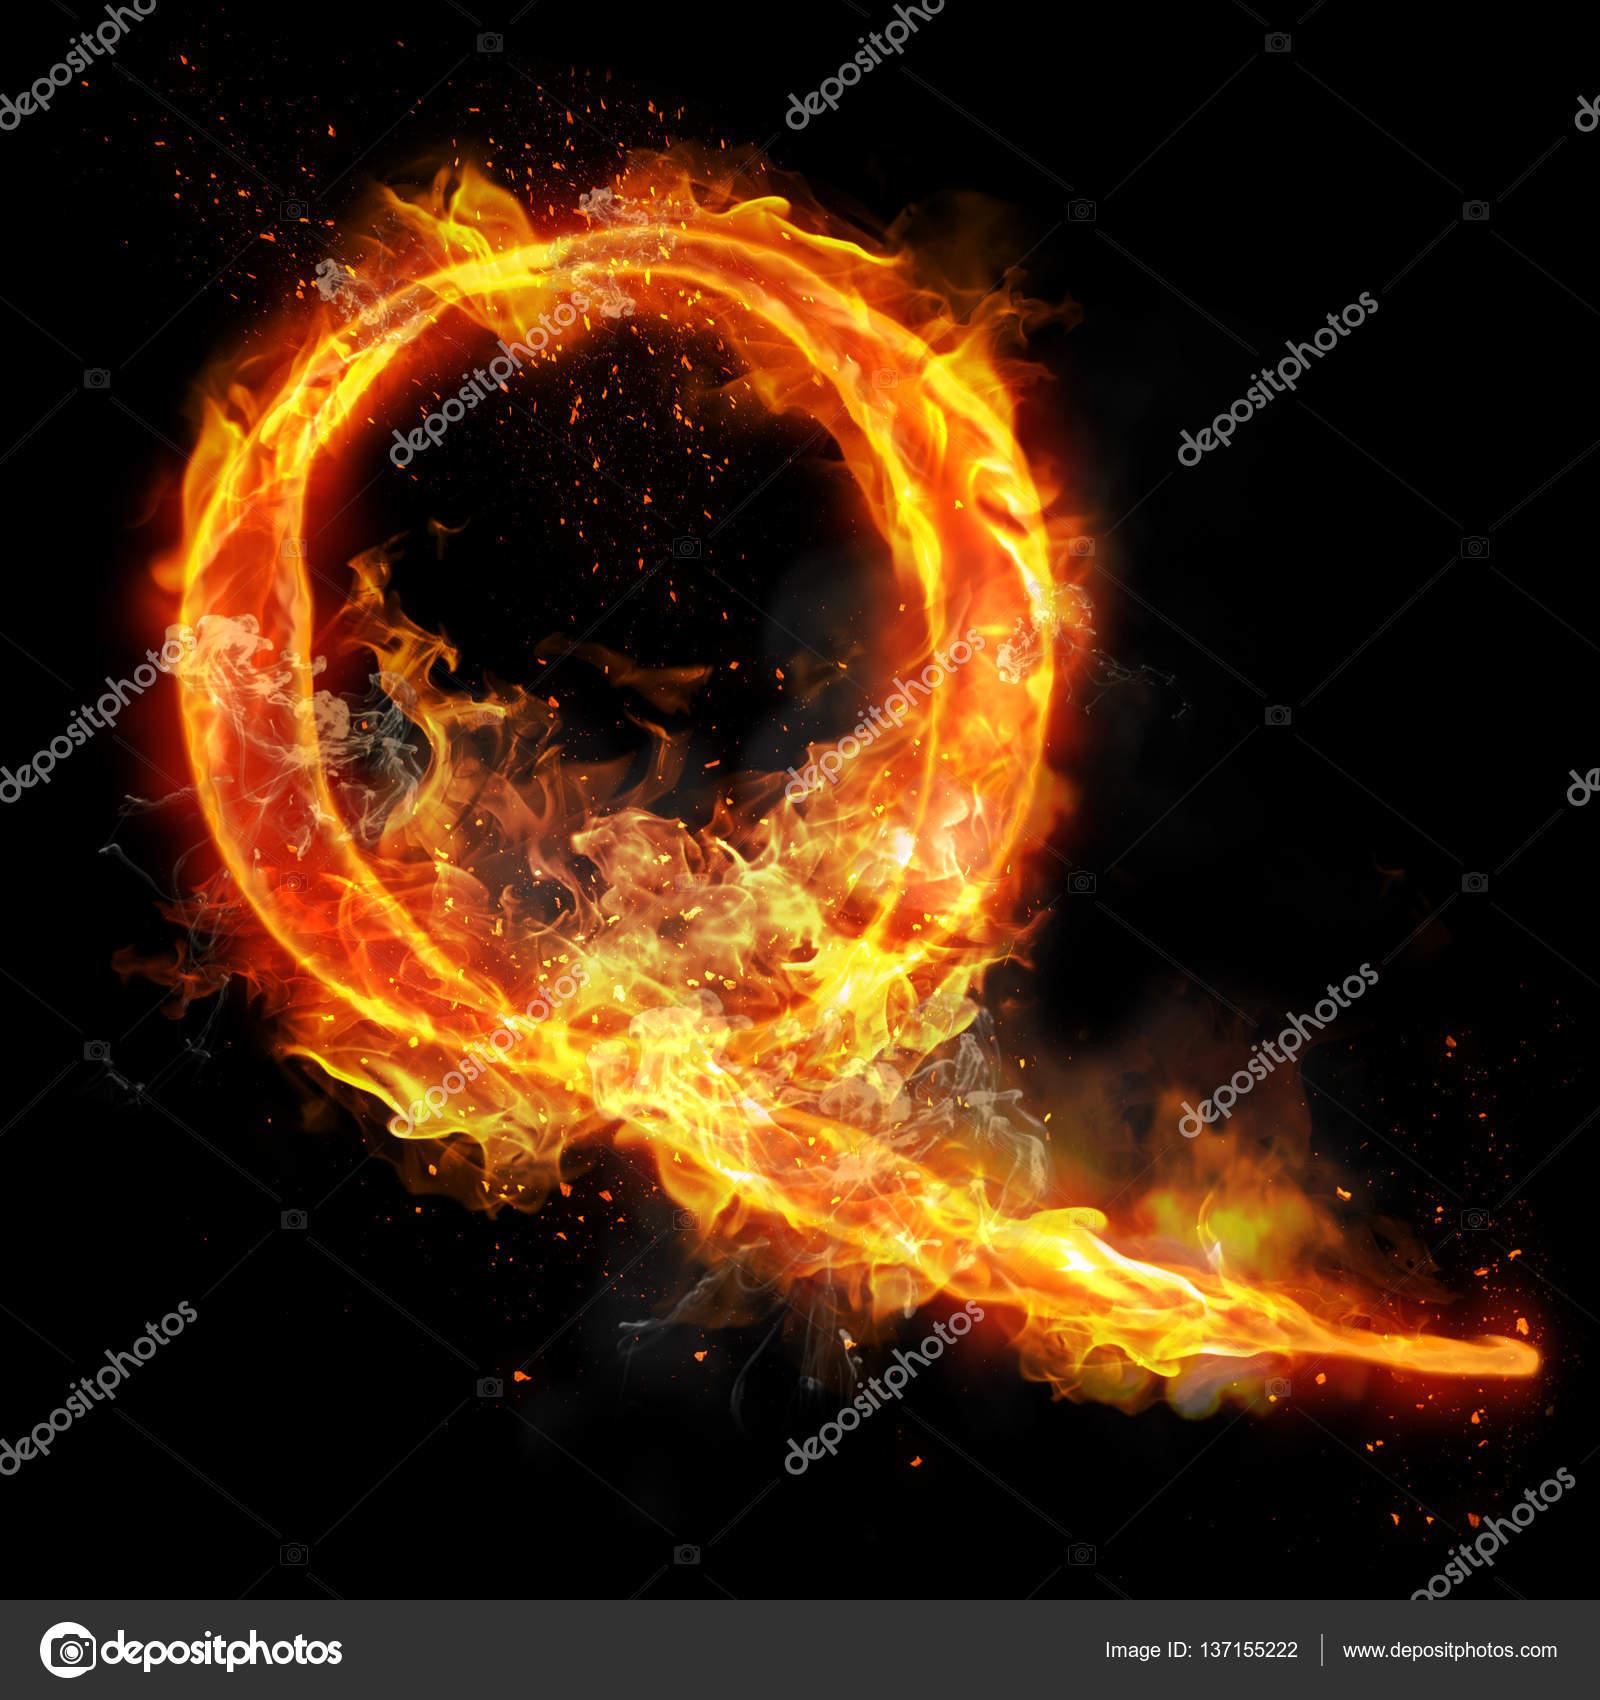 lettre q de la combustion de flamme lumi re de feu photographie ronedale 137155222. Black Bedroom Furniture Sets. Home Design Ideas